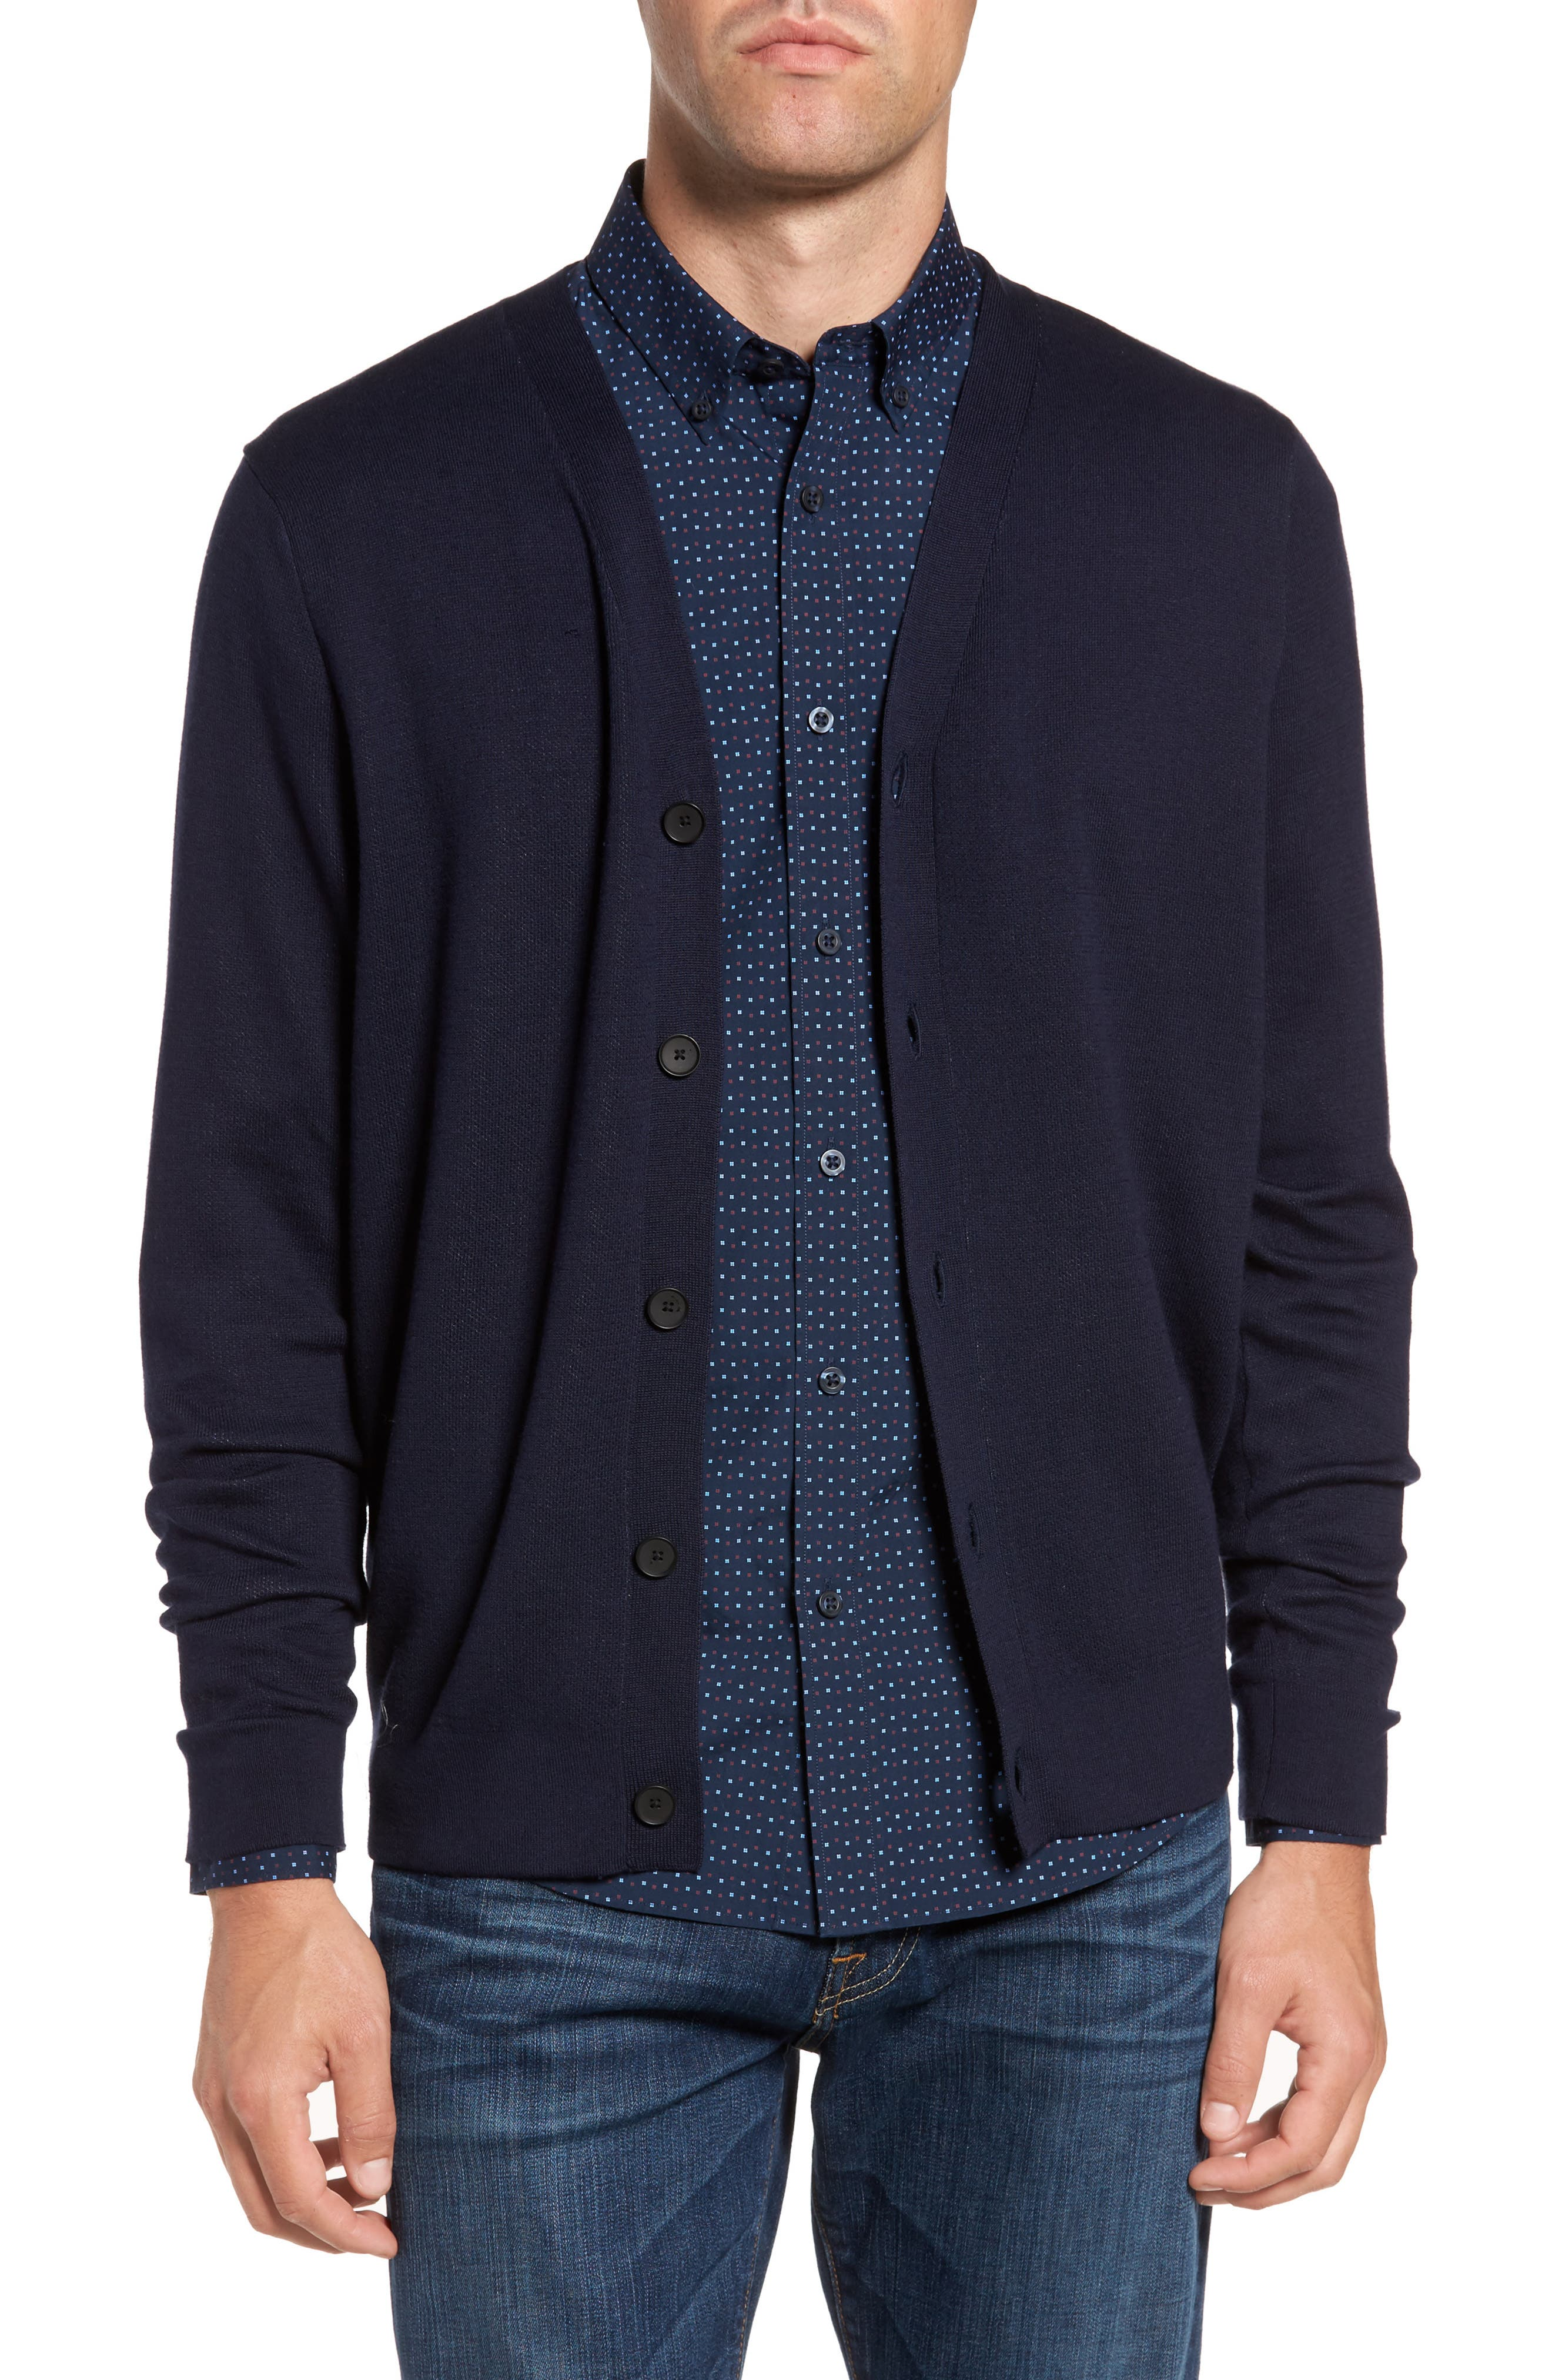 Alternate Image 1 Selected - Nordstrom Men's Shop Cotton Blend Cardigan